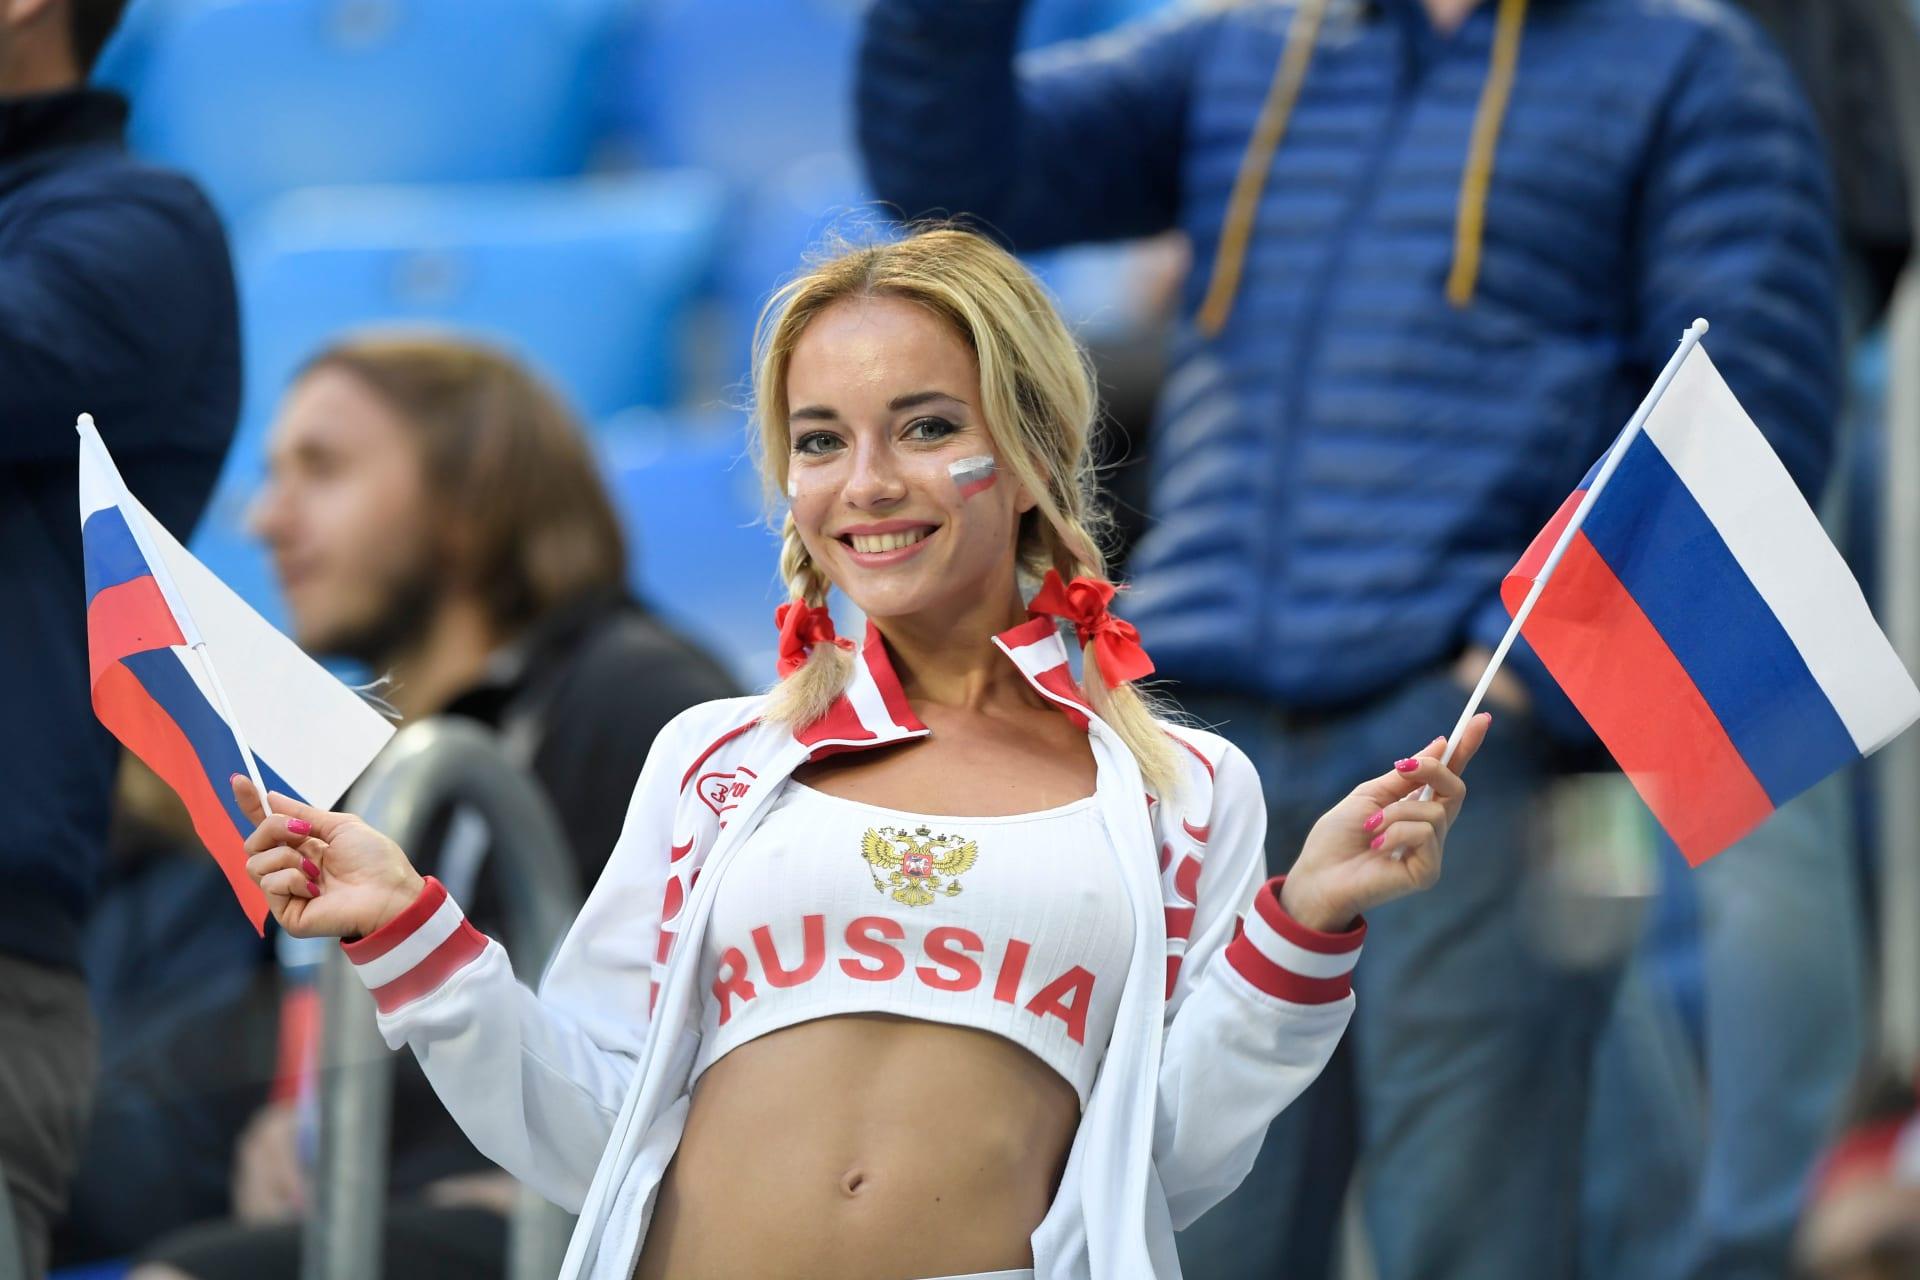 """برغر كينغ يعتذر عن إعلان """"حمل الروسيات"""" من اللاعبين مقابل المال"""